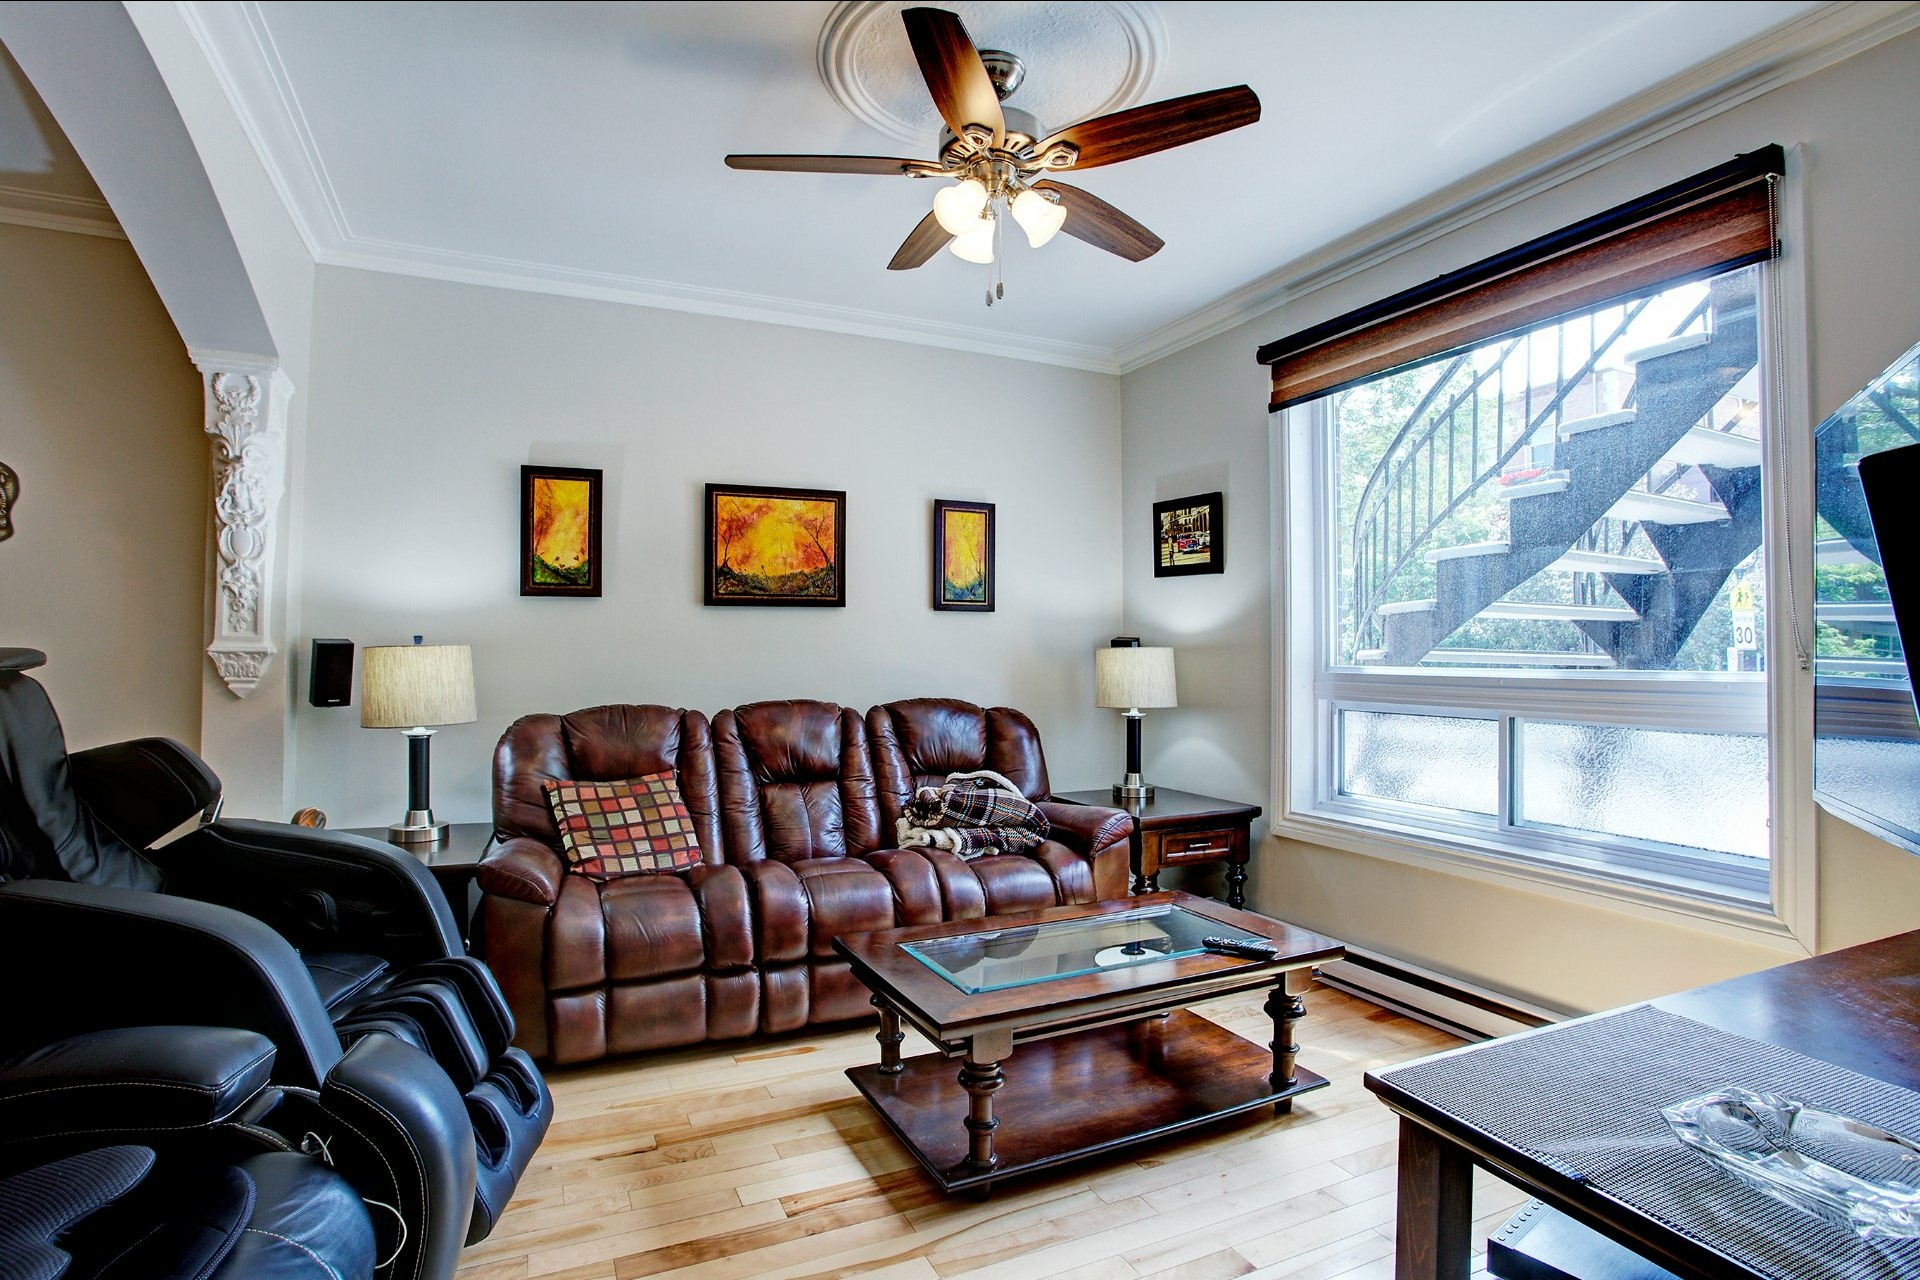 image 6 - Income property For sale Le Sud-Ouest Montréal  - 4 rooms